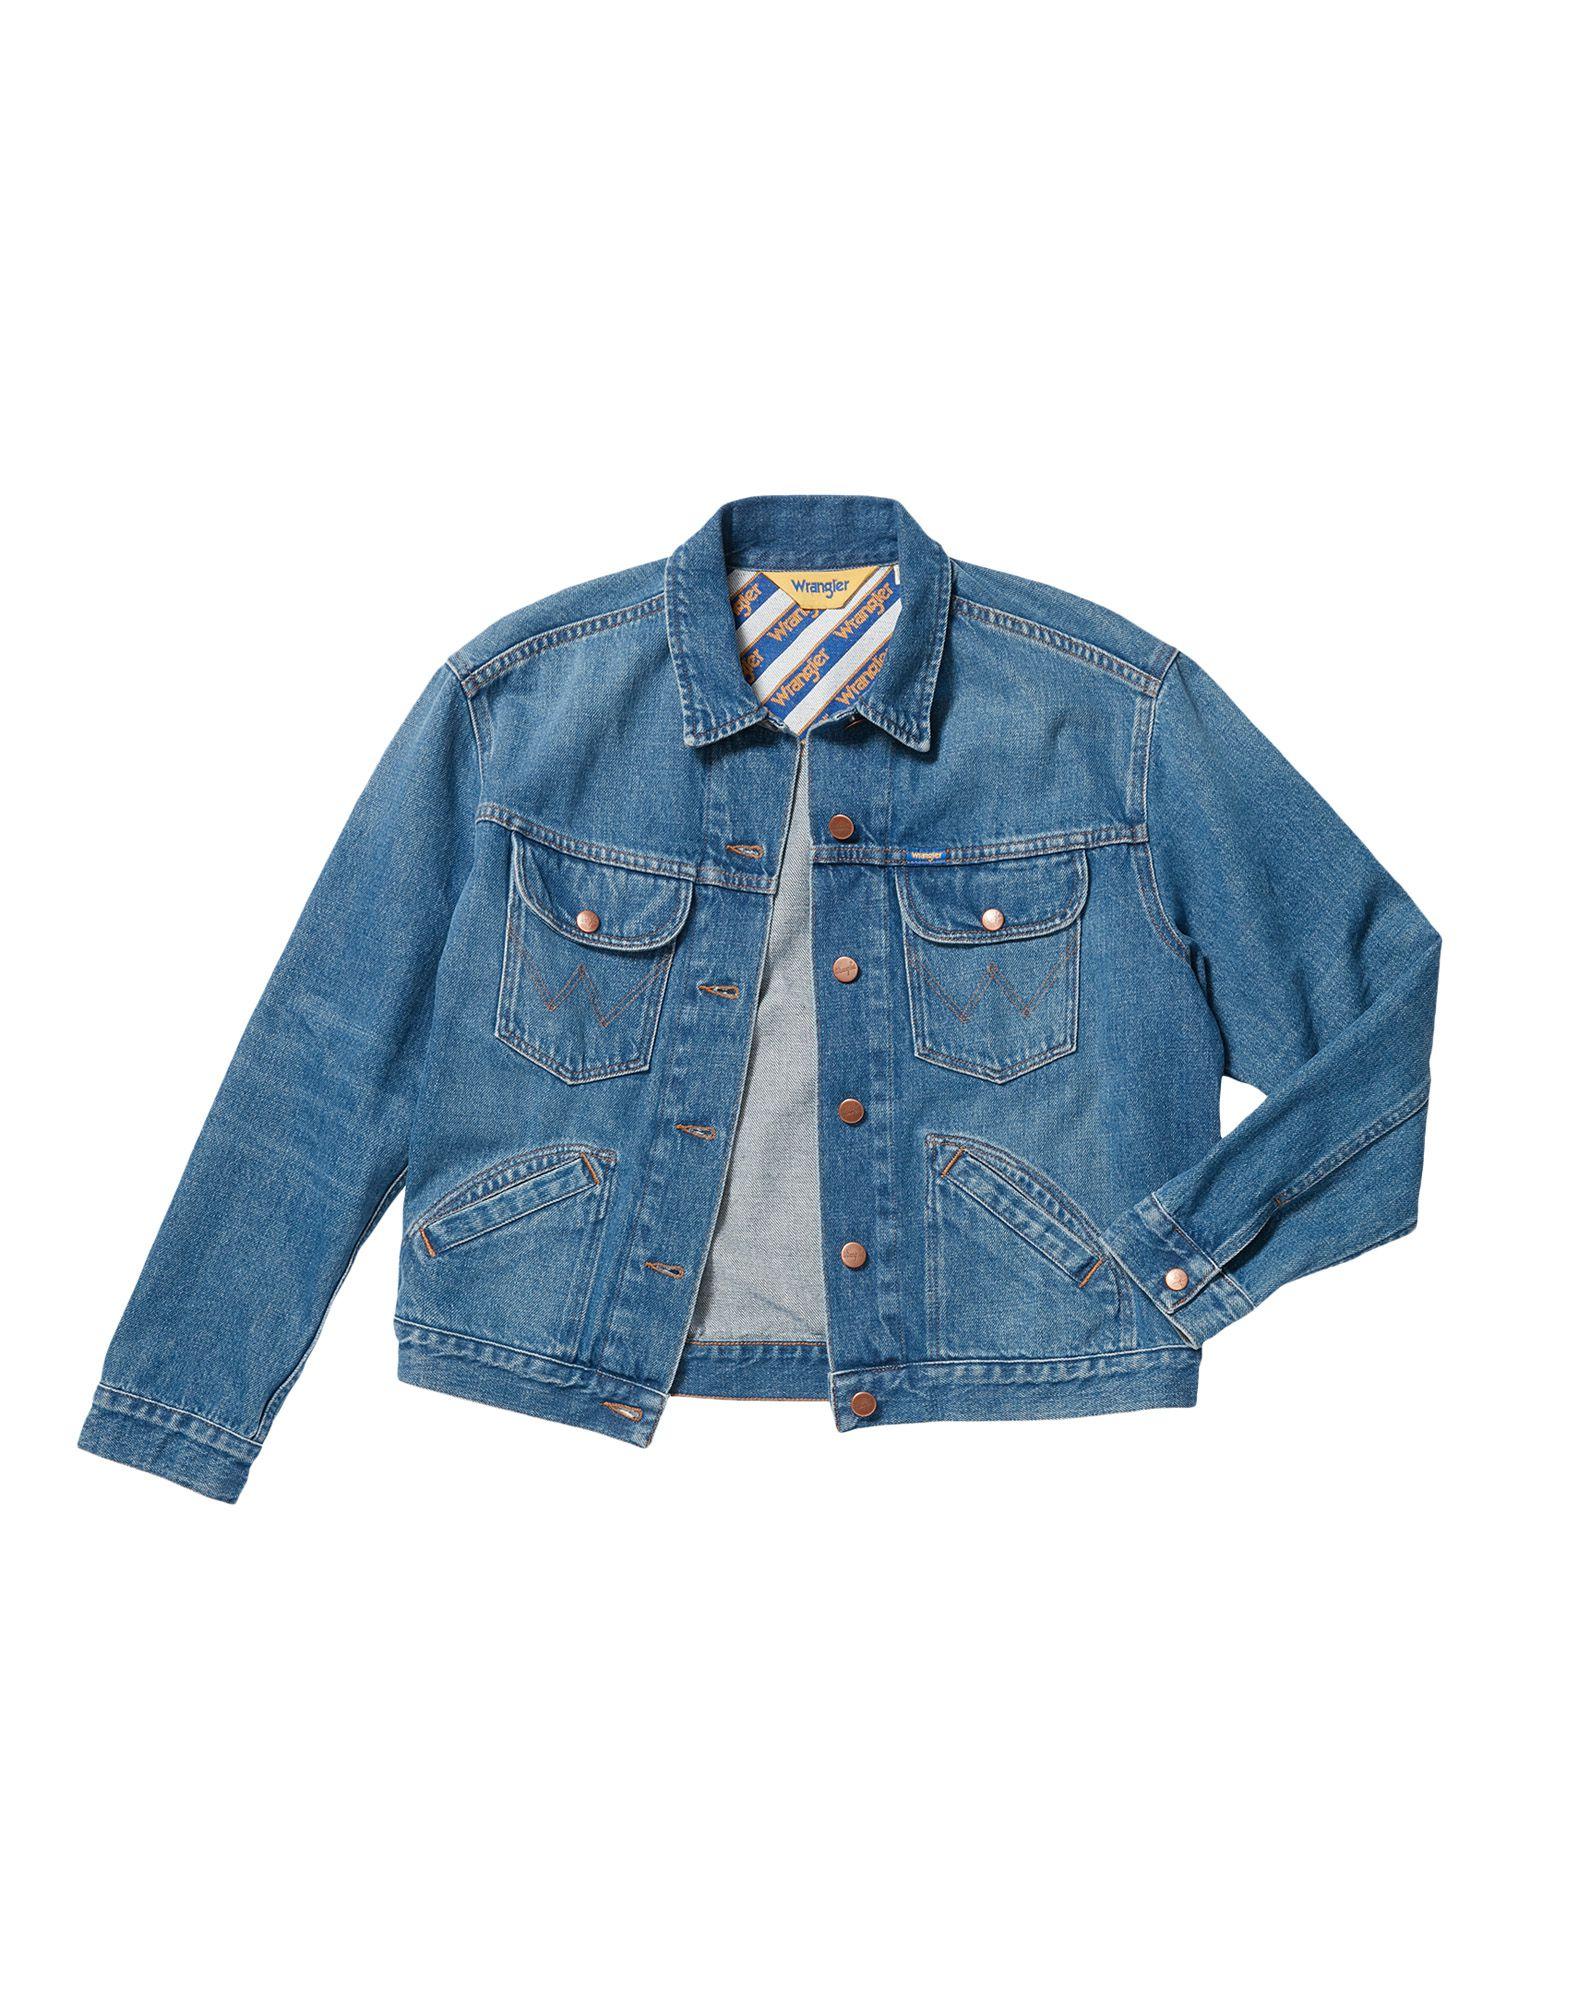 WRANGLER Джинсовая верхняя одежда folk джинсовая верхняя одежда